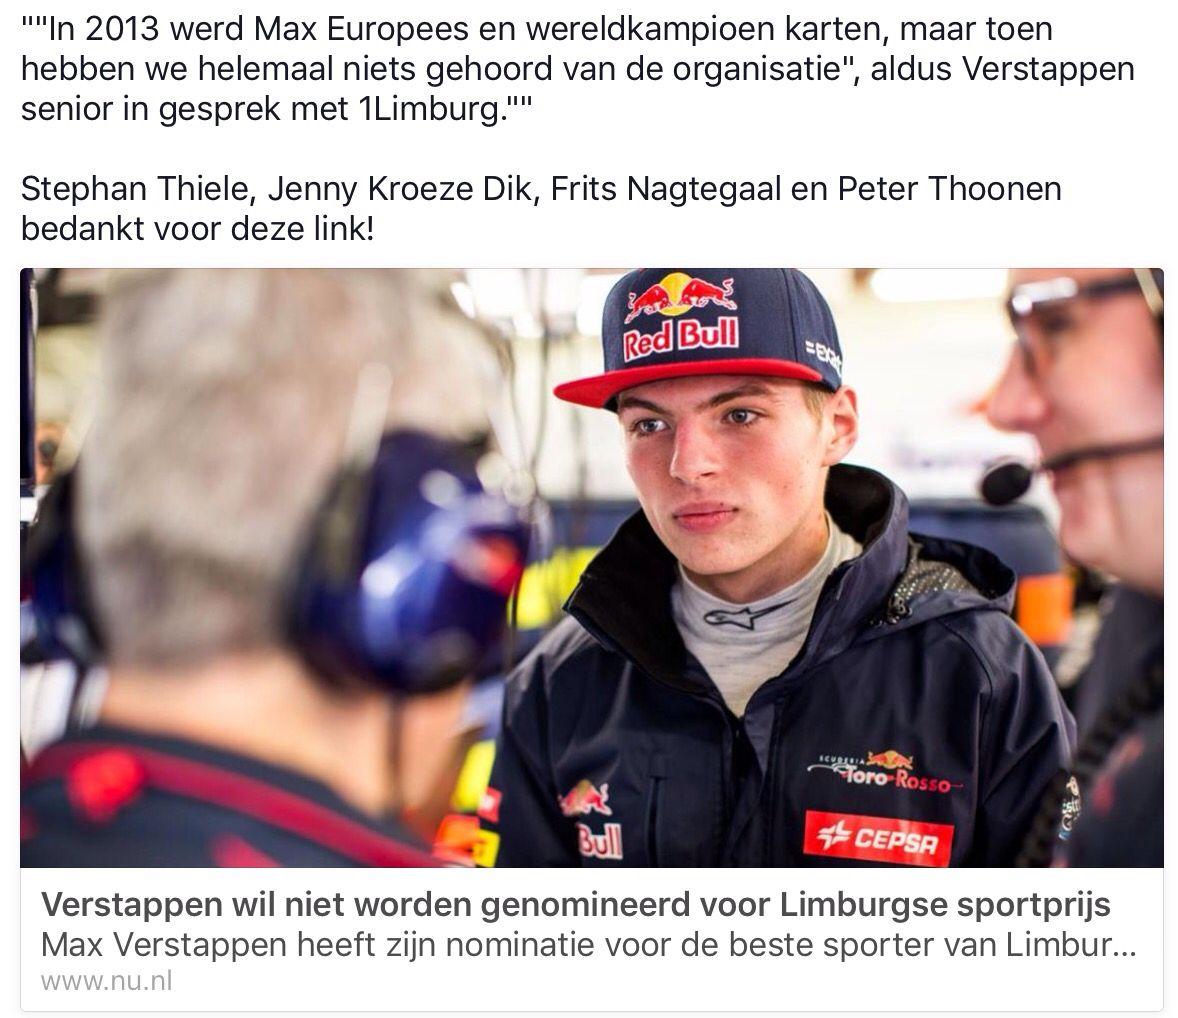 Max weigert Limburgse Sportprijs nominatie